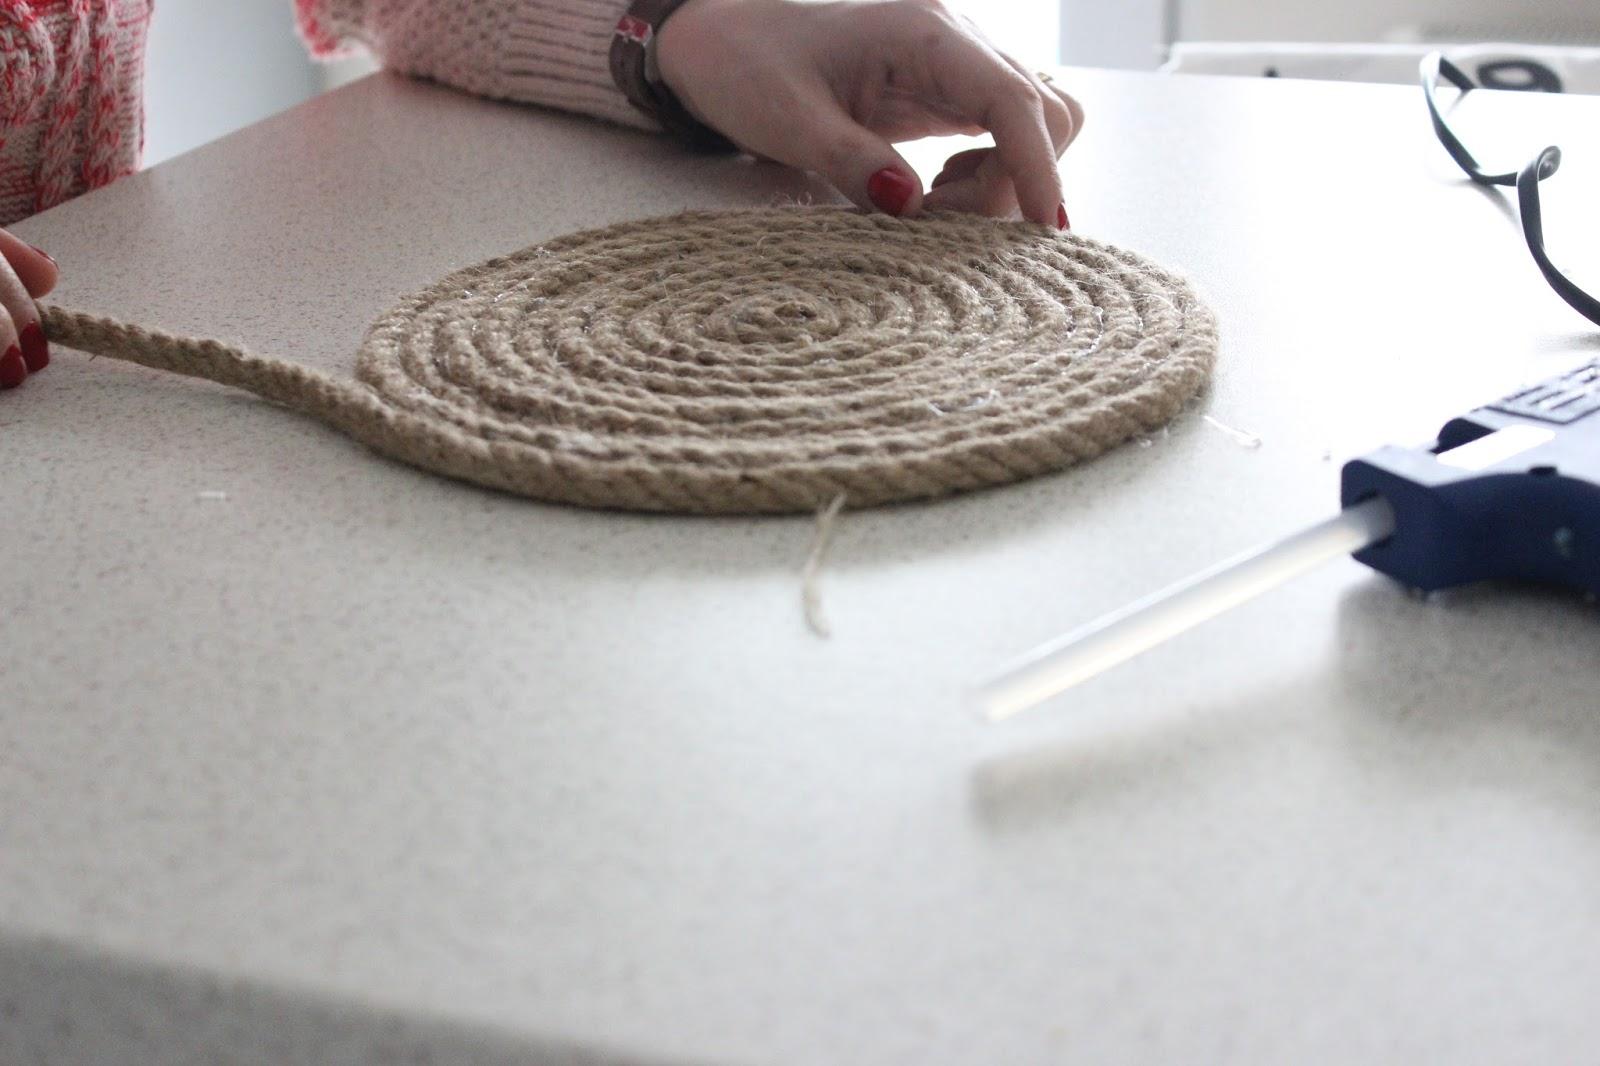 Halat İpten Kolay Sepet Yapımı